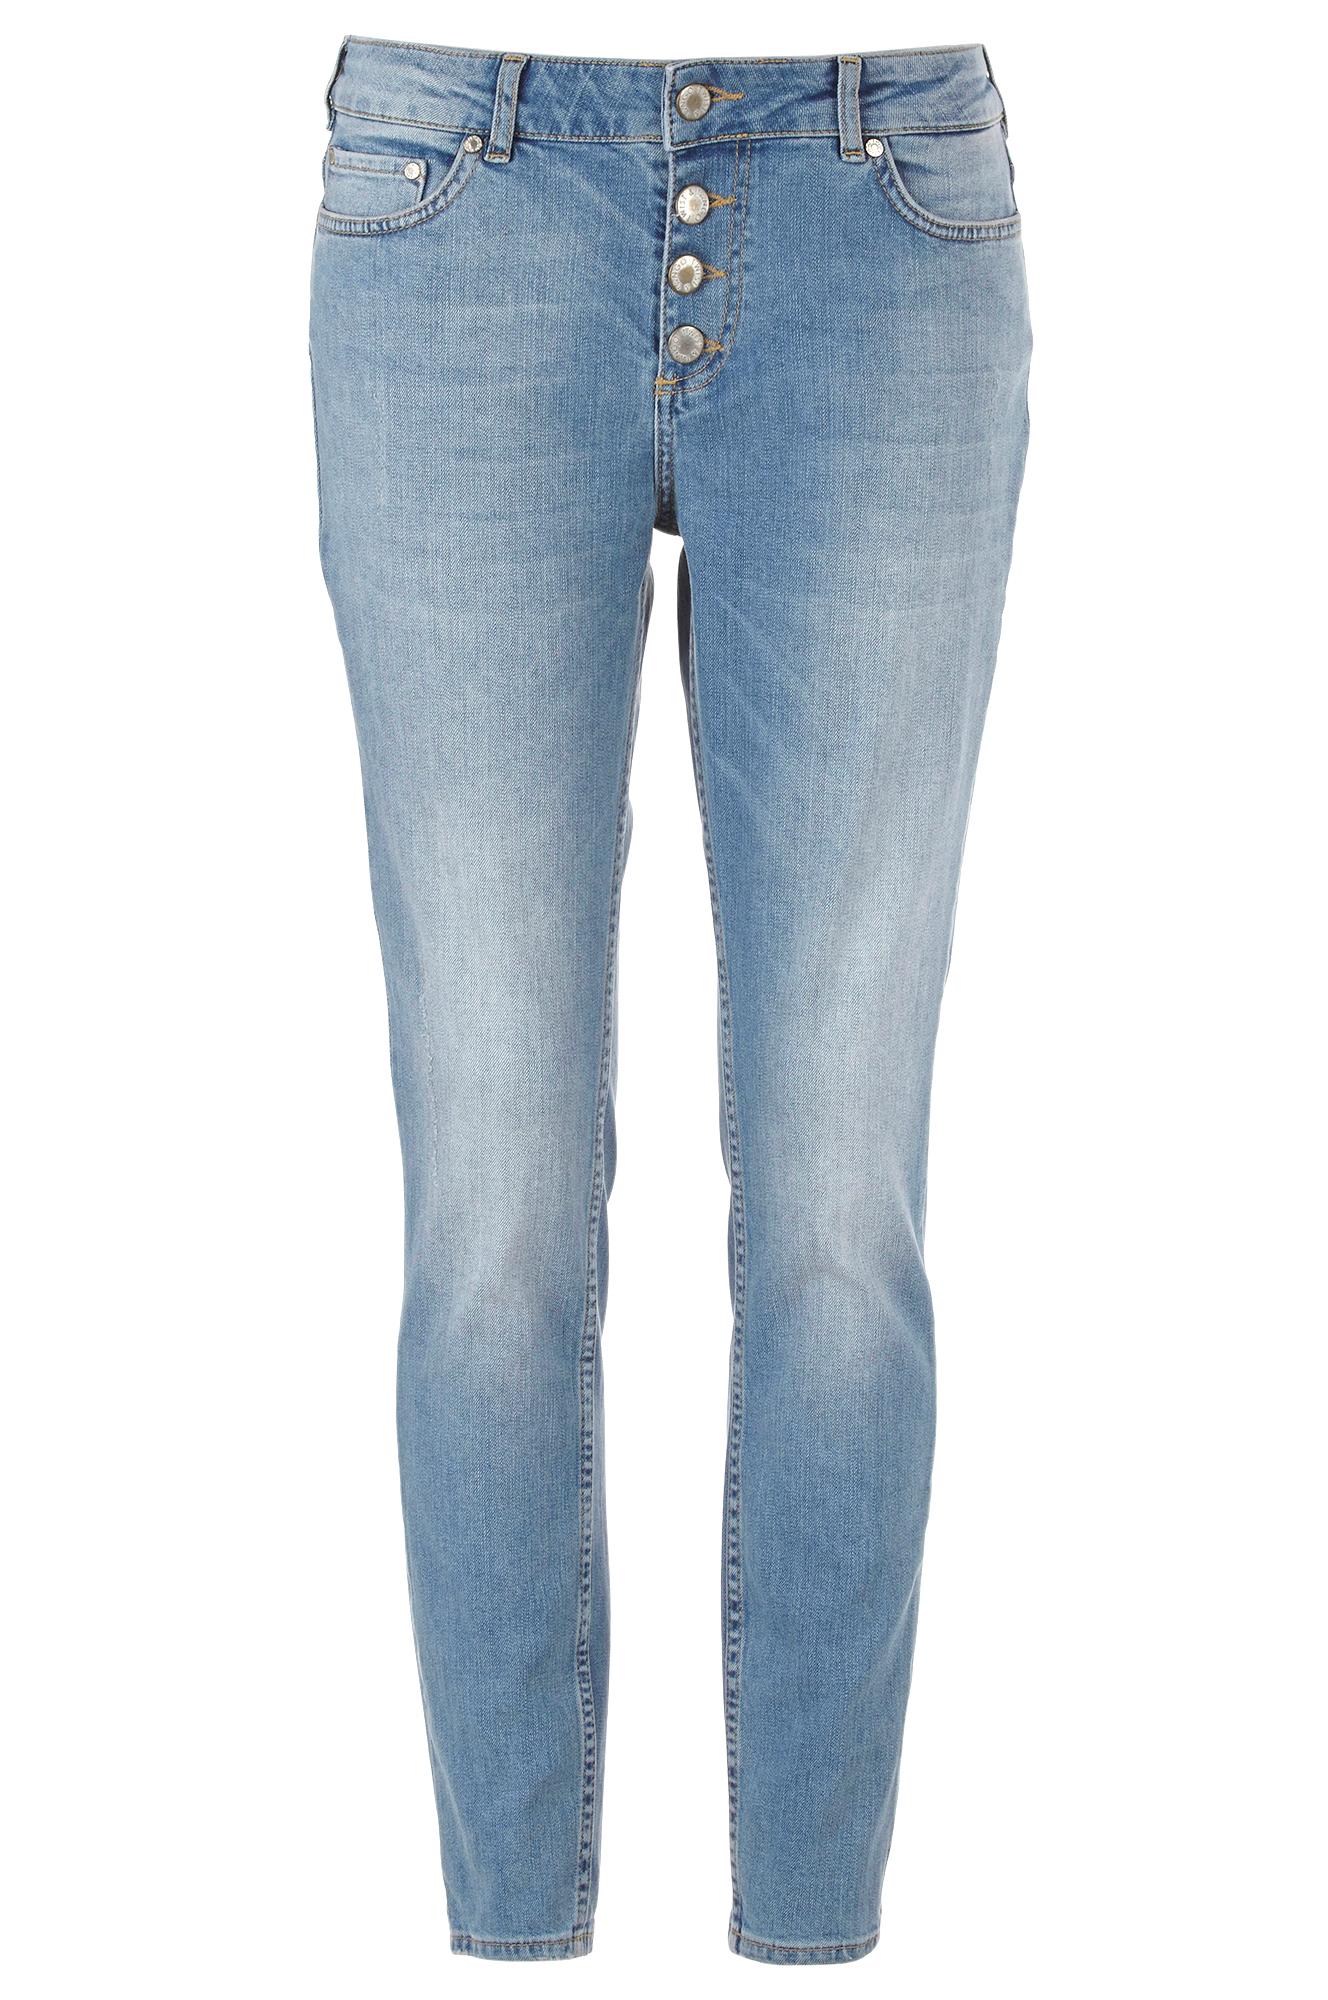 Jeans Liv Twist & Tango Jeans til Kvinder i Lyseblå